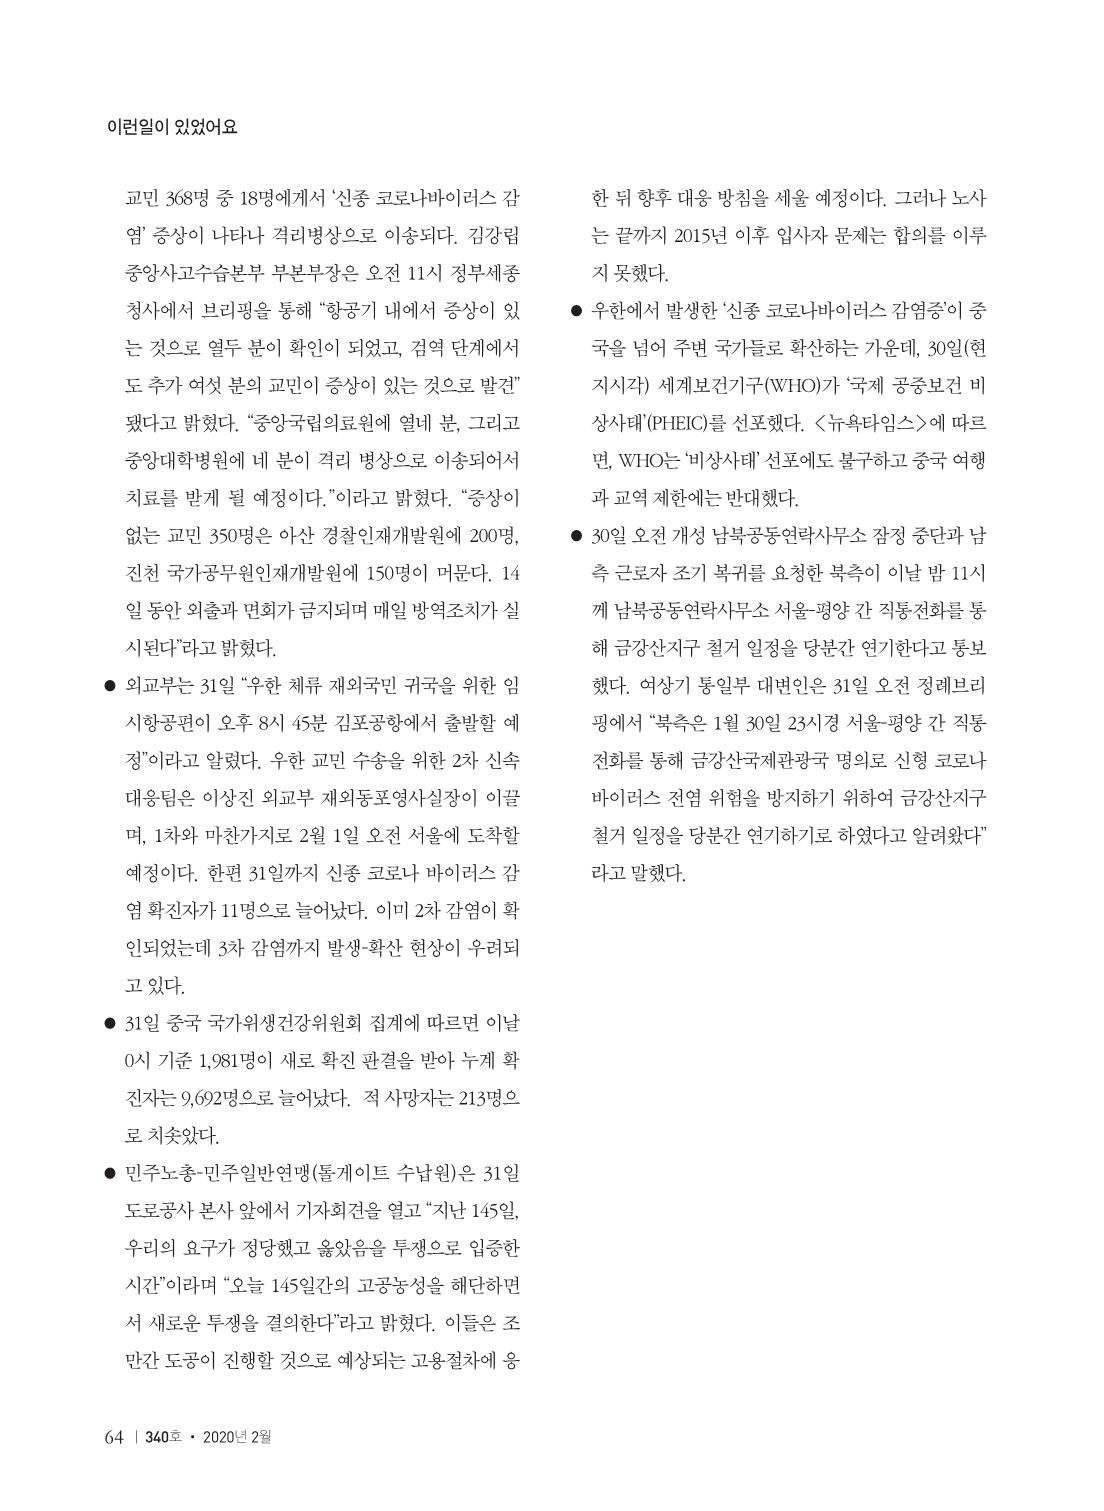 c3a550e7-2d95-46c0-bdec-64c56104ebf4.pdf-0066.png